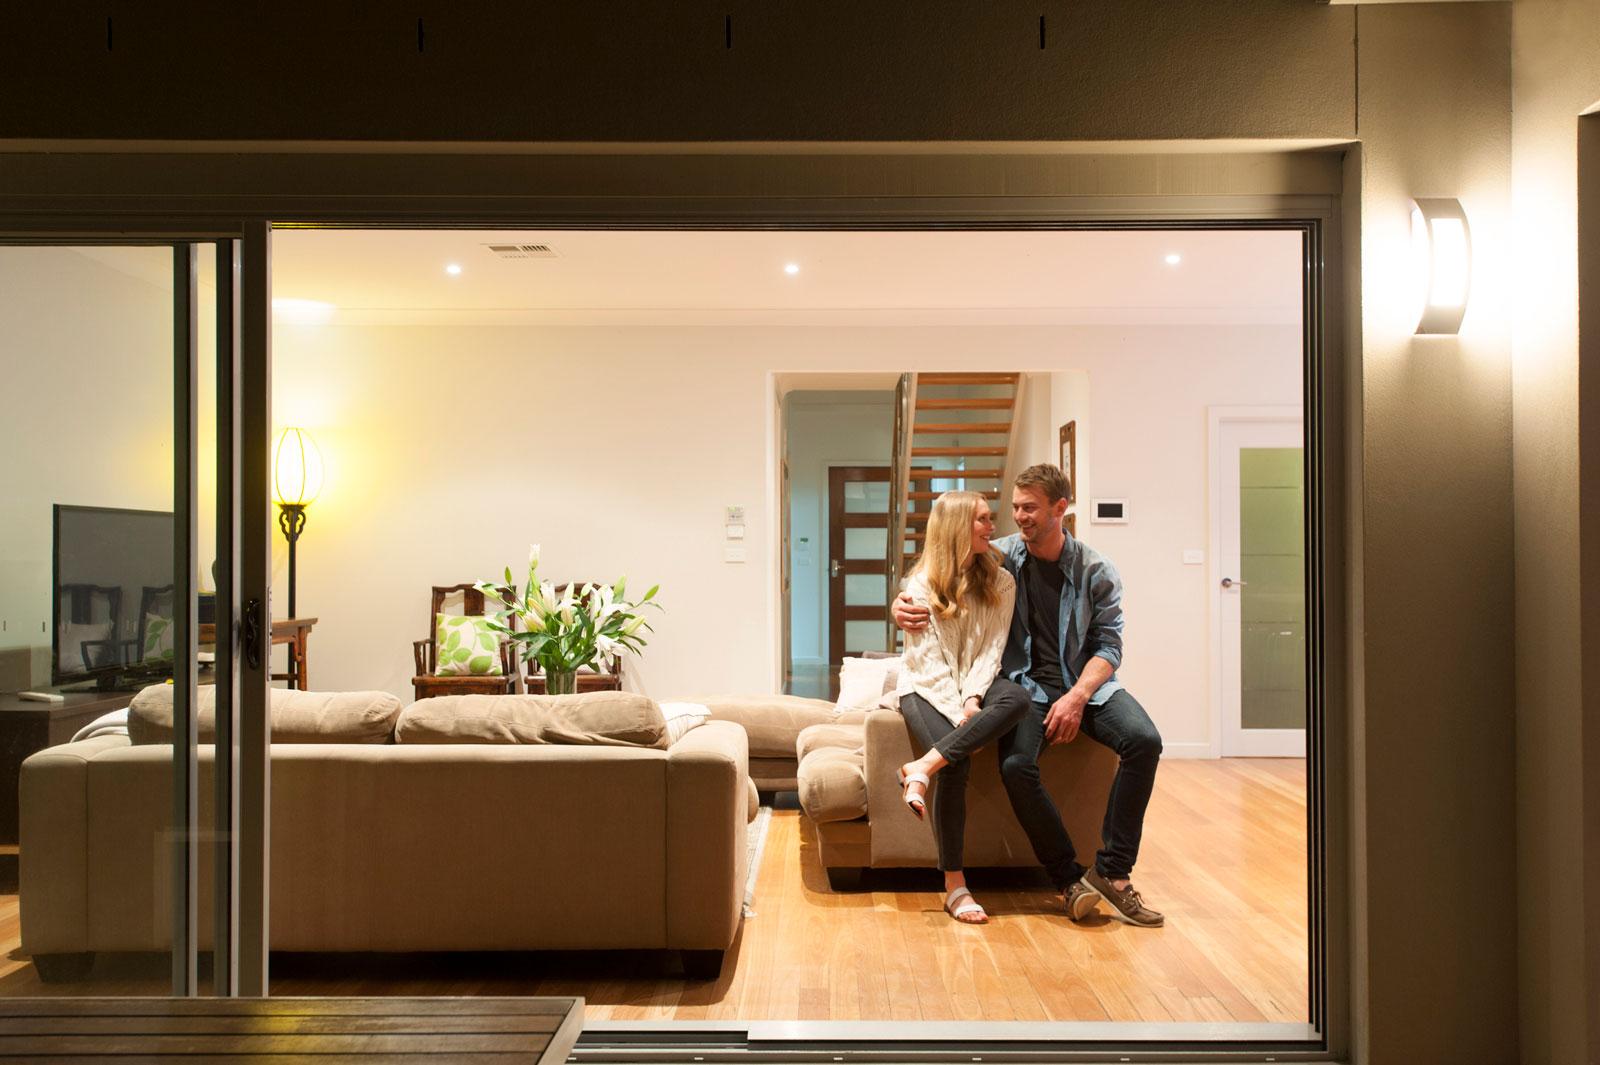 Entspannt im Eigenheim: Mit der richtigen Finanzierung kannst du dein Haus auch Jahre später noch genießen.